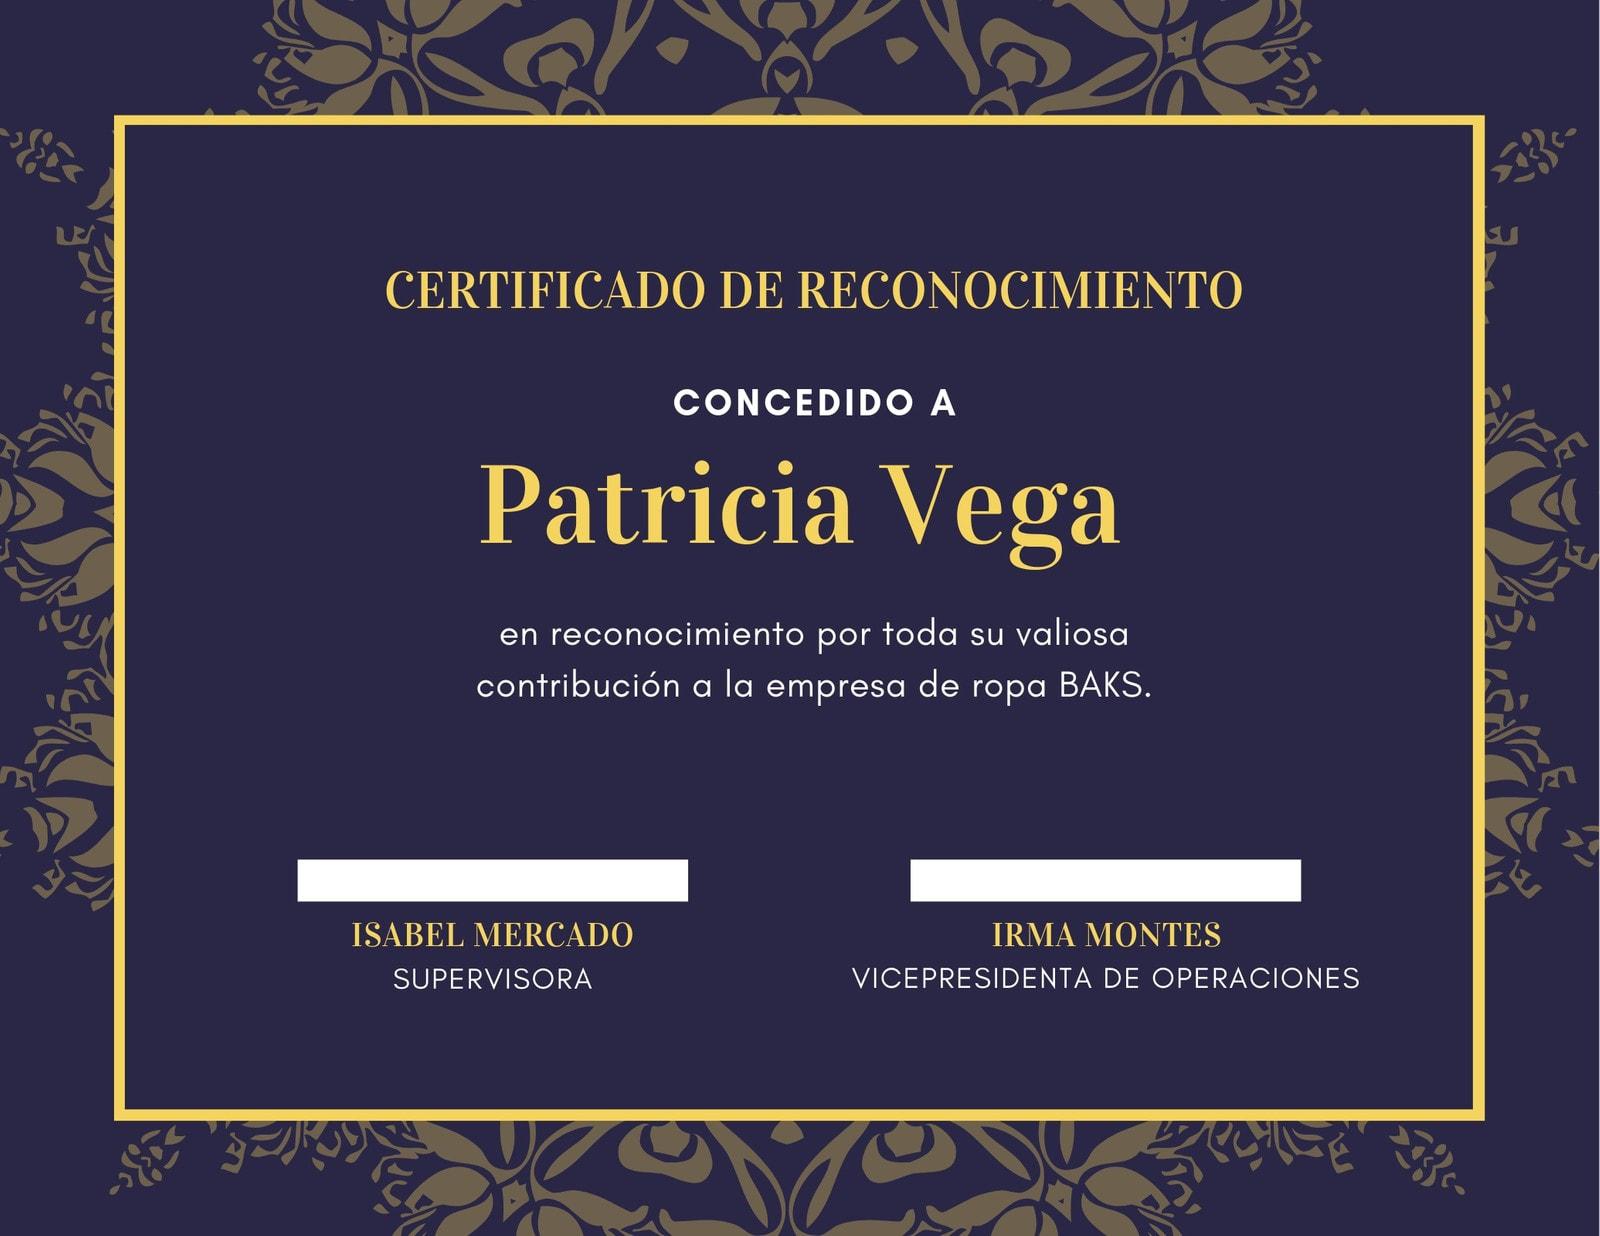 Violeta Dorado Marco Borde Estampado Mandala Ilustrado Certificado de Reconocimiento